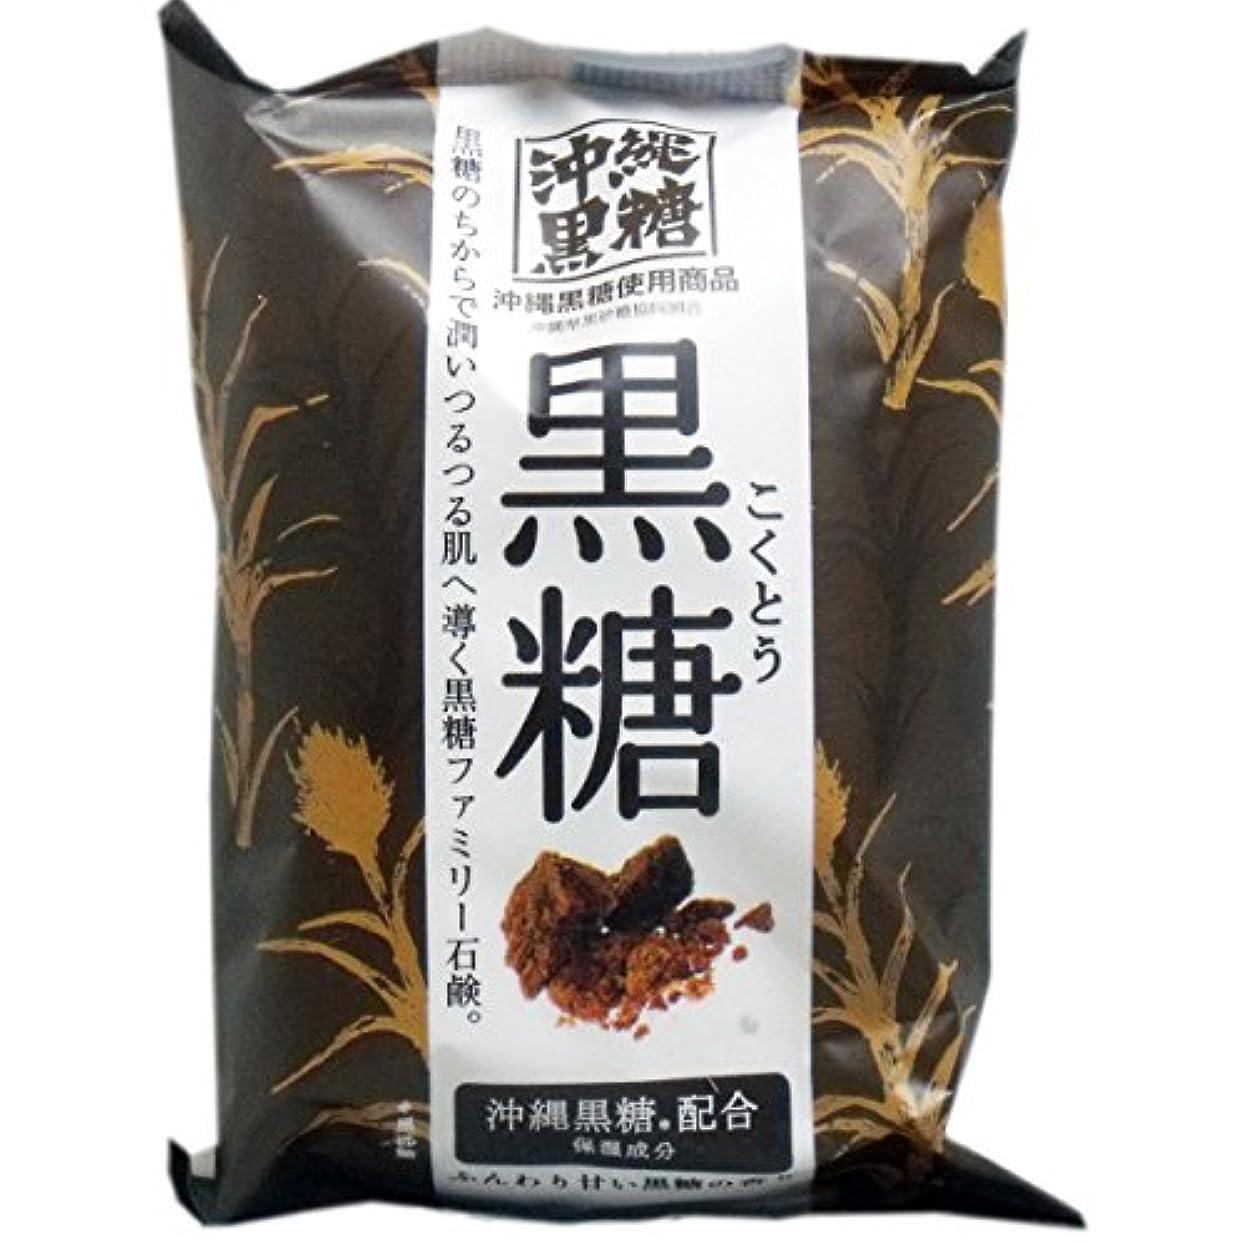 スワップ本能ピアペリカン石鹸 ファミリー黒糖石鹸 80g